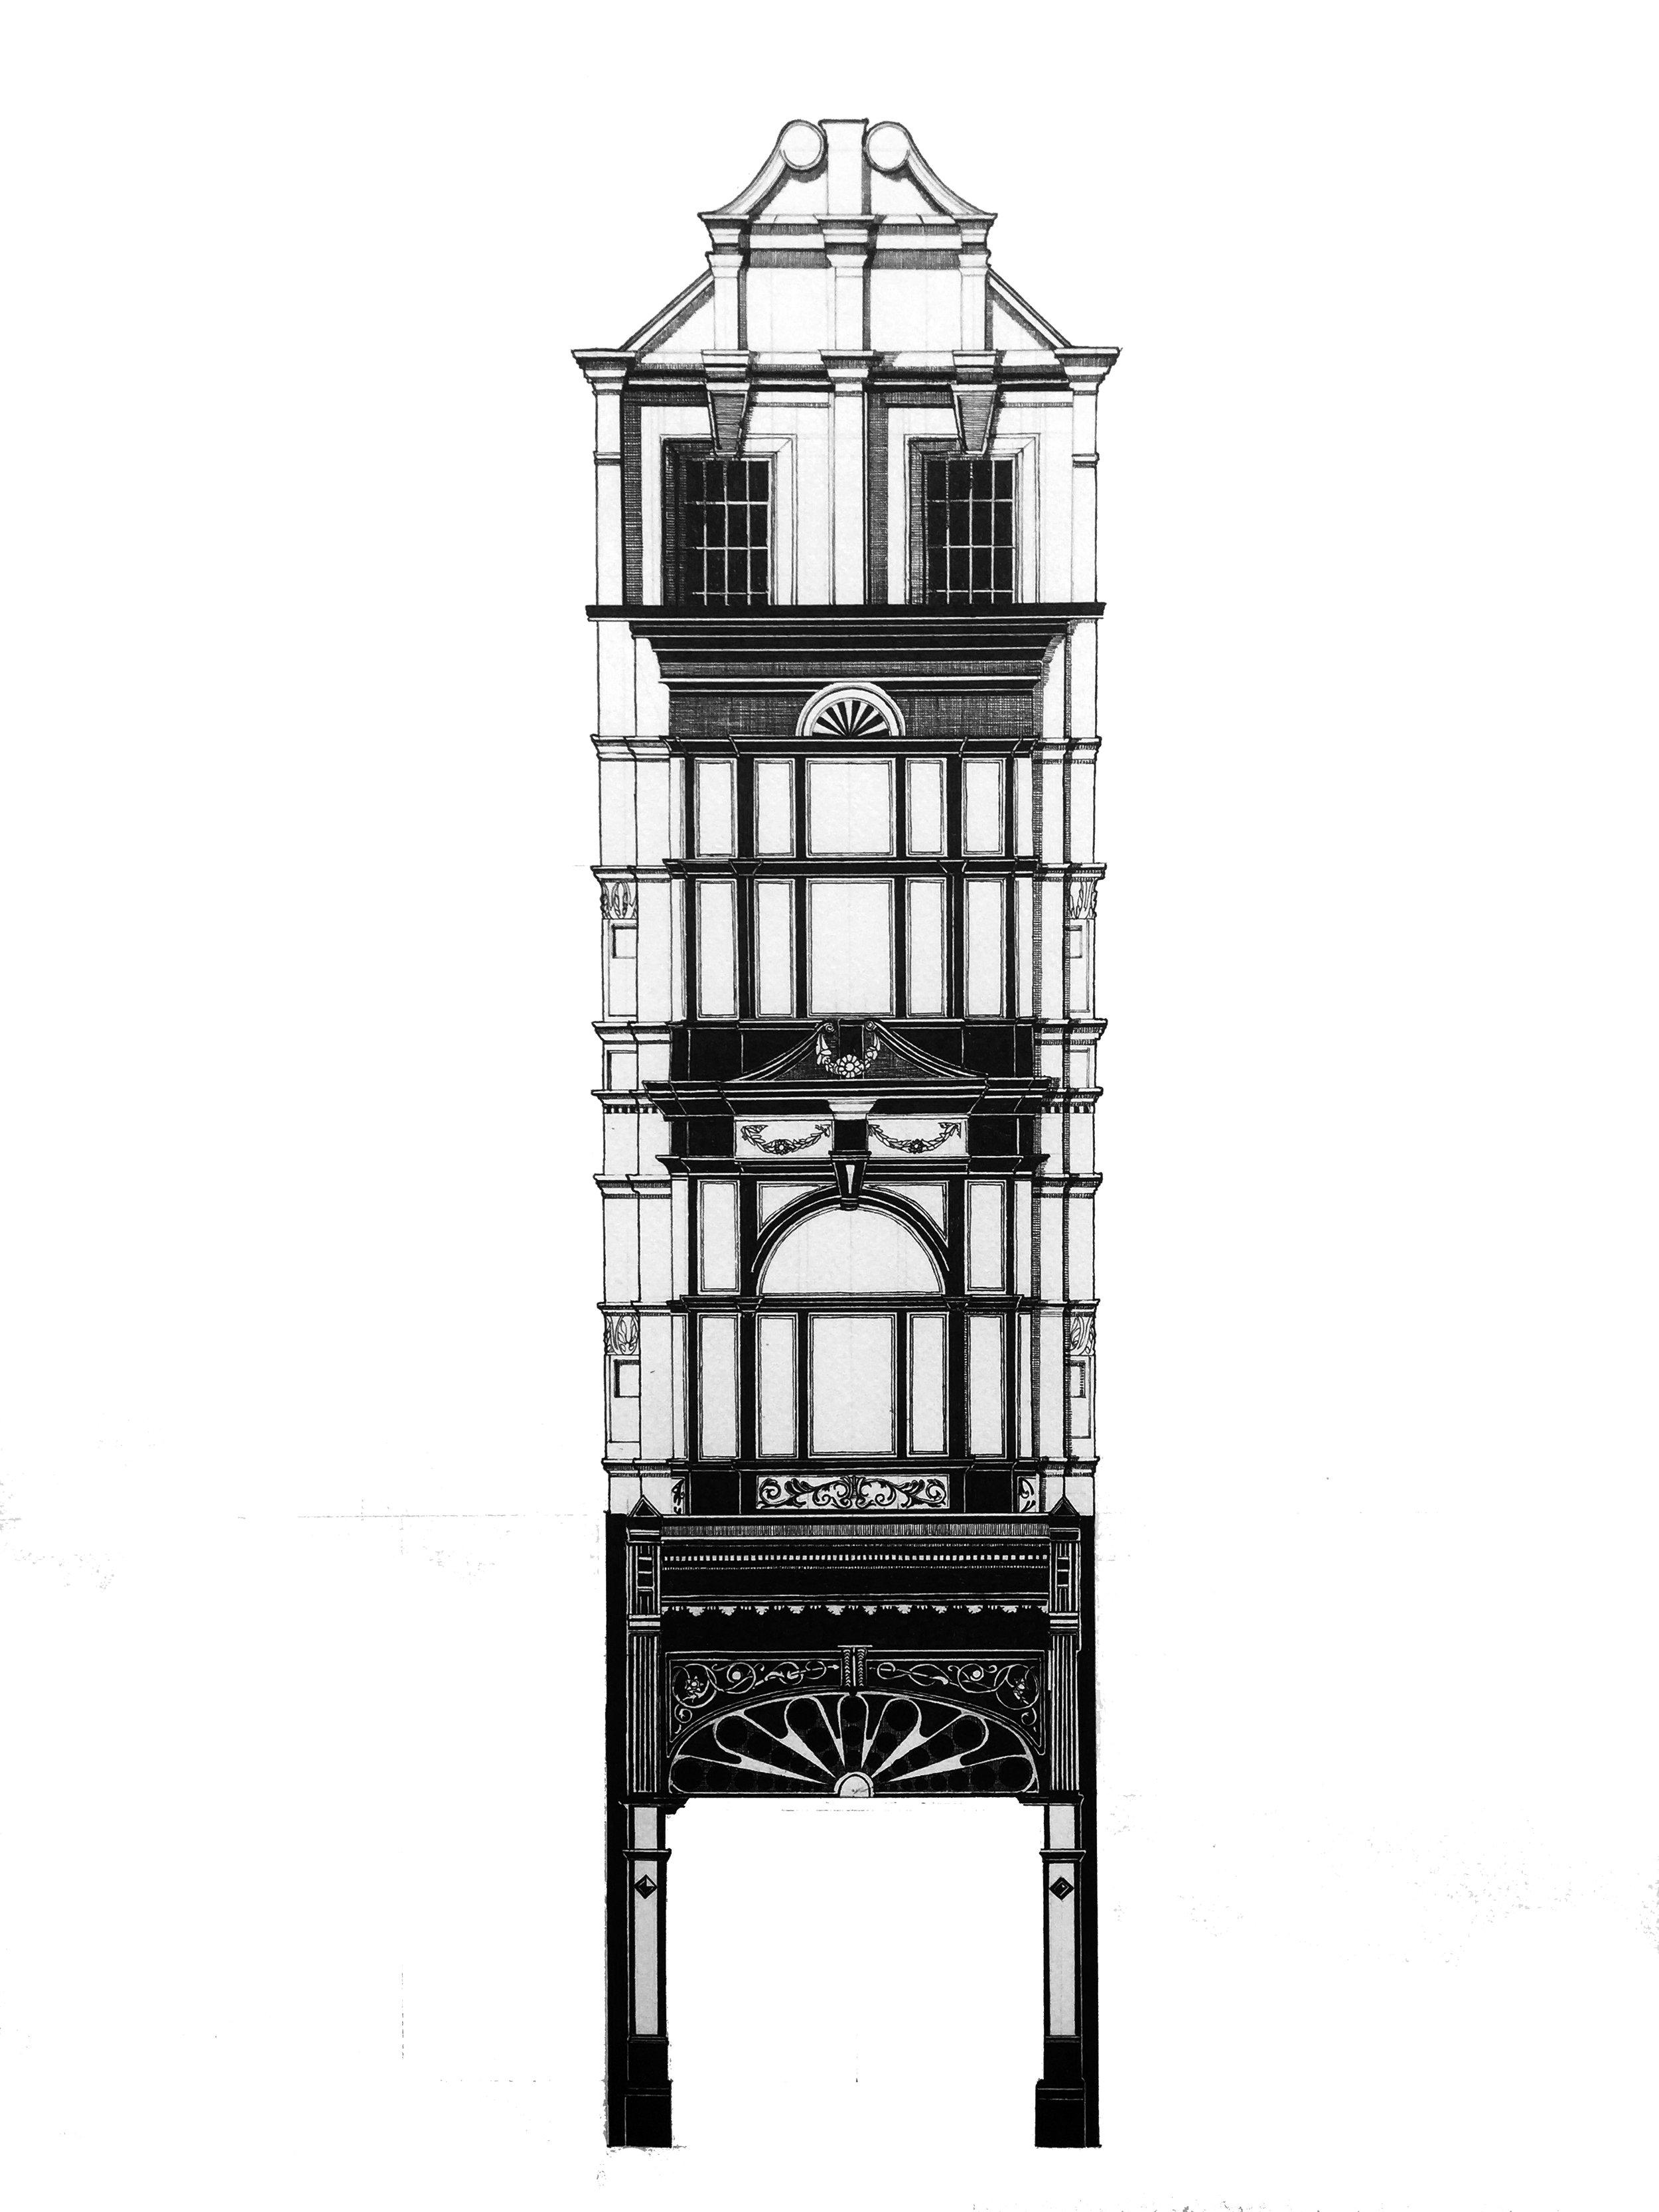 Hepworth's Arcade